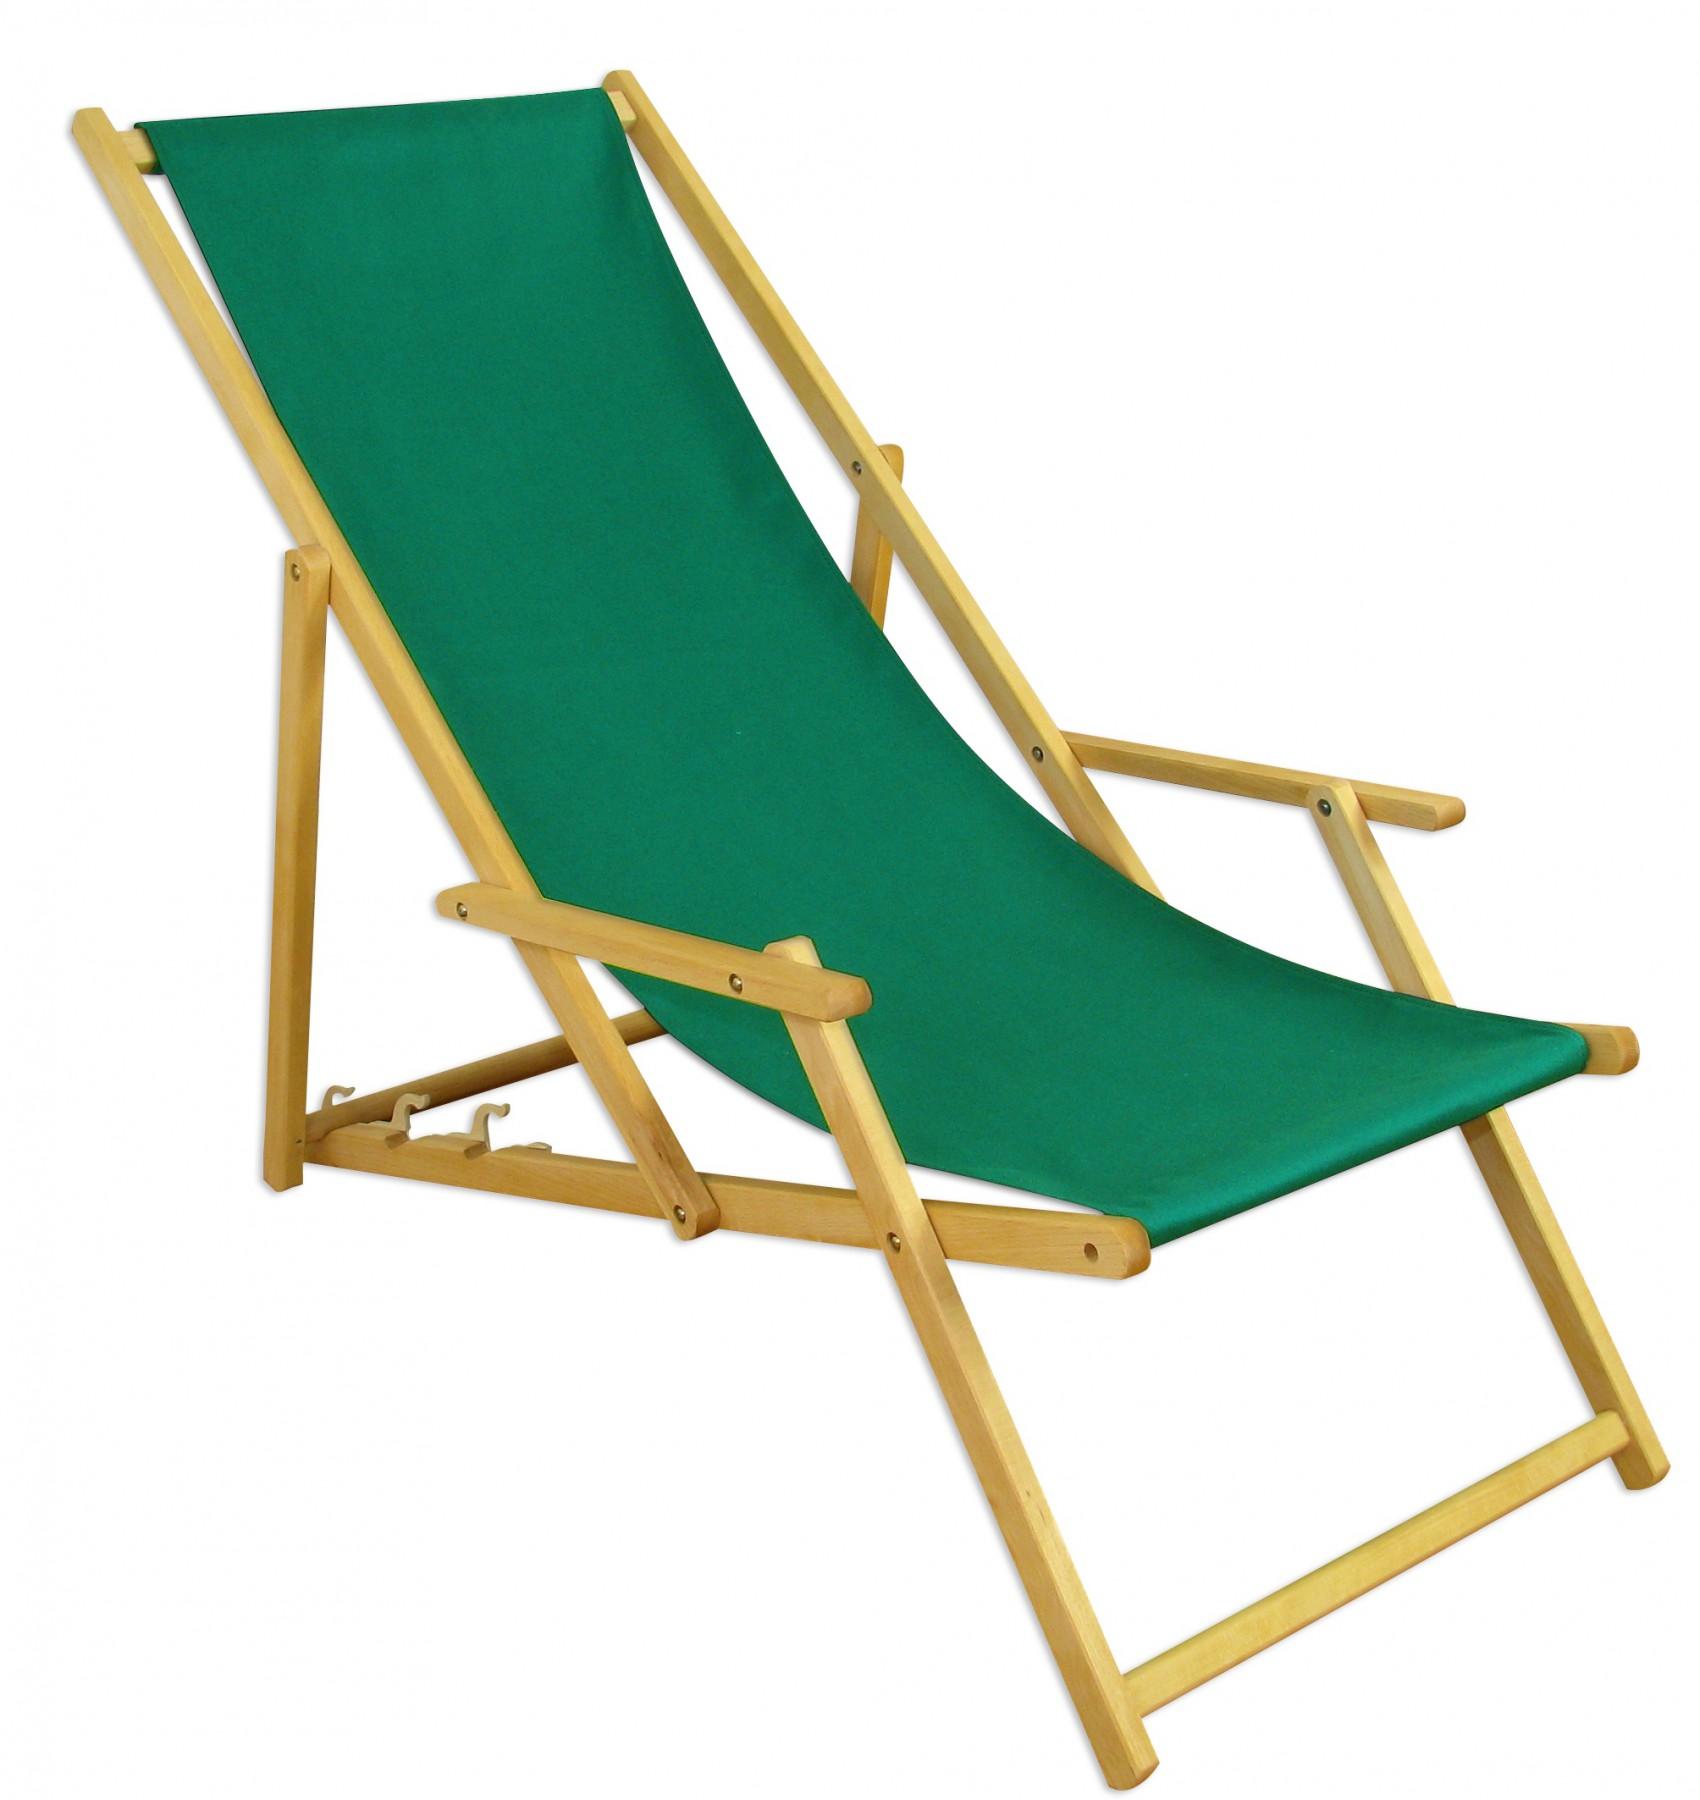 Liegestuhl Holz Mit Armlehne.Liegestuhl Gartenliege Grün Sonnenliege Strandliege Holz Deckchair Gartenmöbel Buche 10 304 N